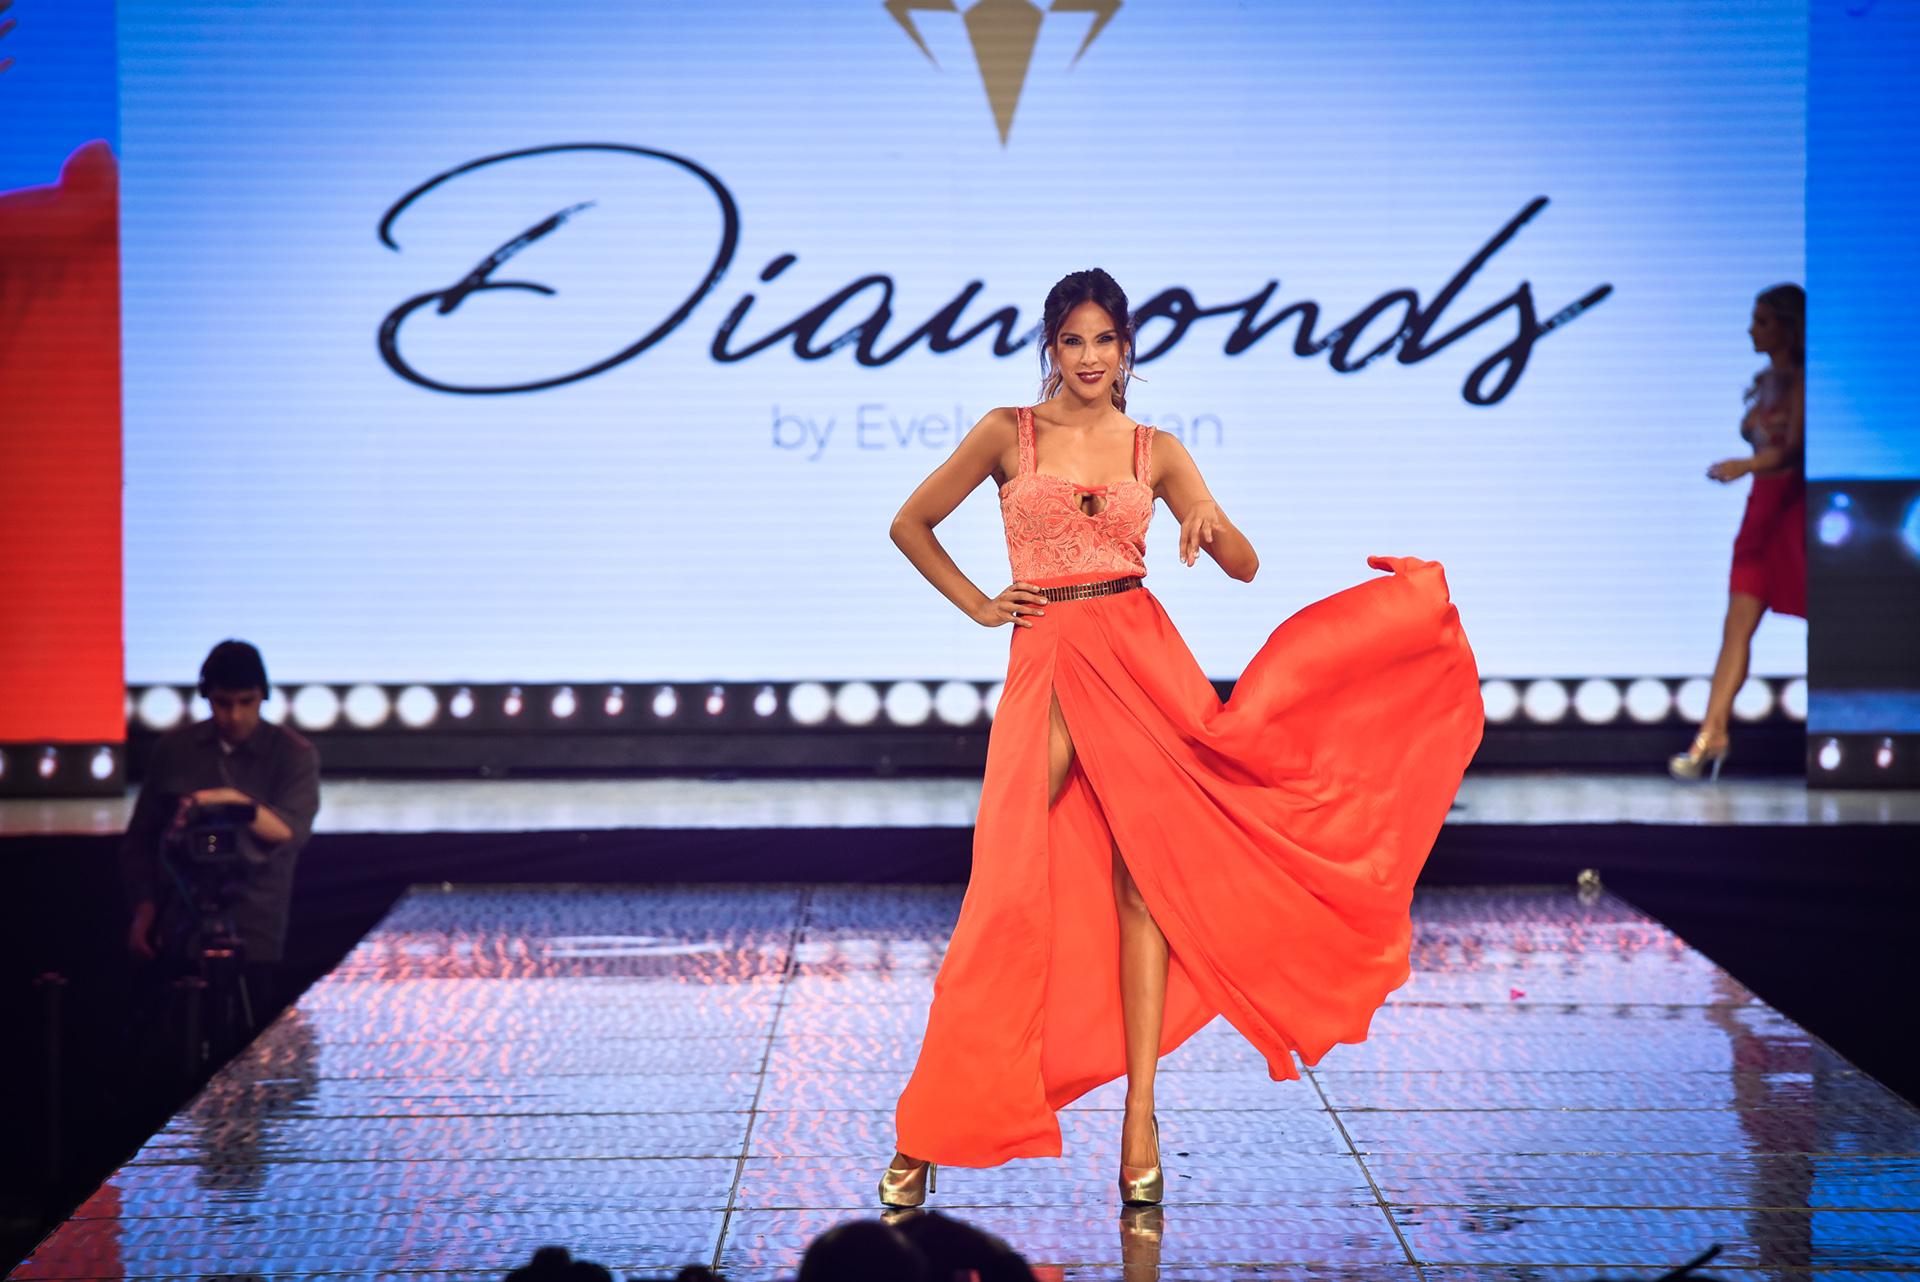 La colección de Diamonds by Evelyn Bazan reflejó en sus prendas un estilo barroco repleto de rojos bordados y el pret a porter adaptado al siglo 21